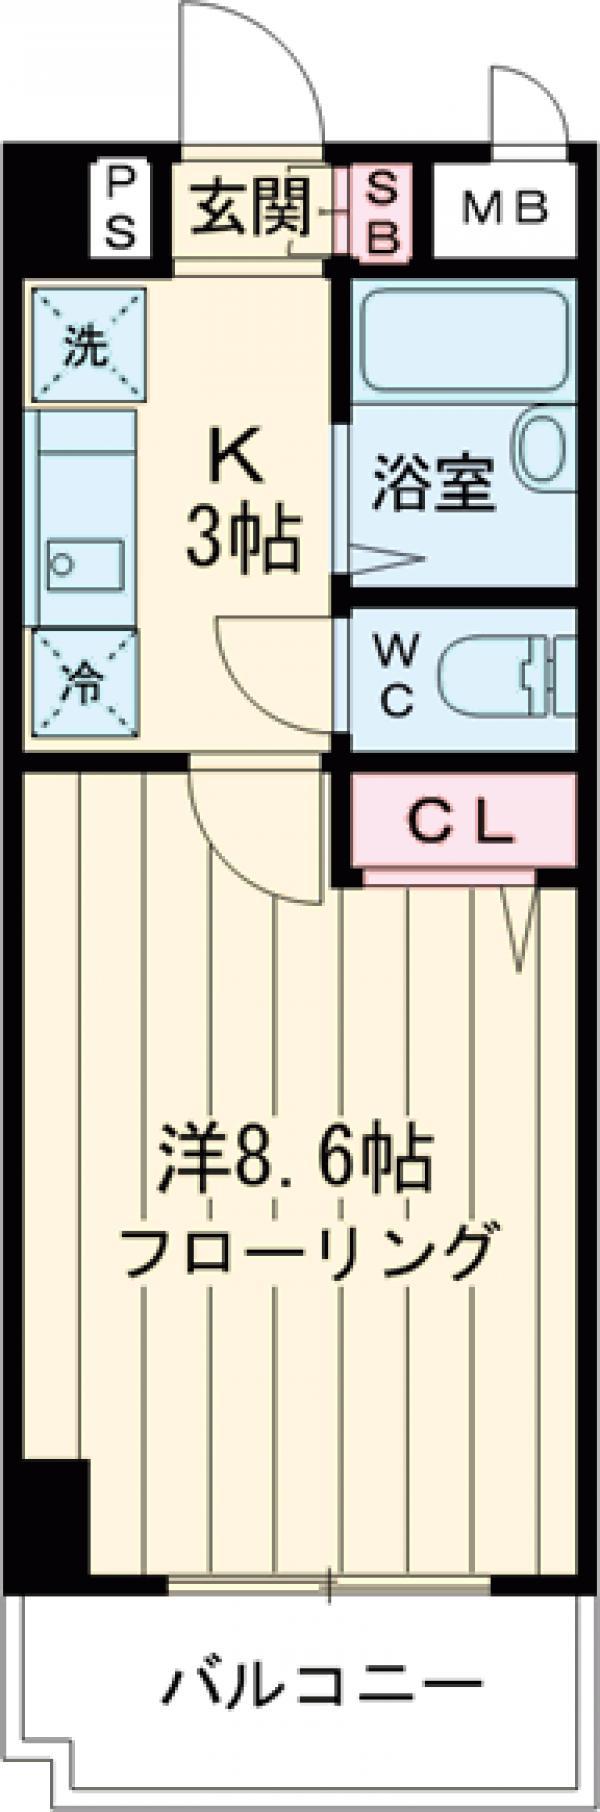 阿部松島マンション・310号室の間取り